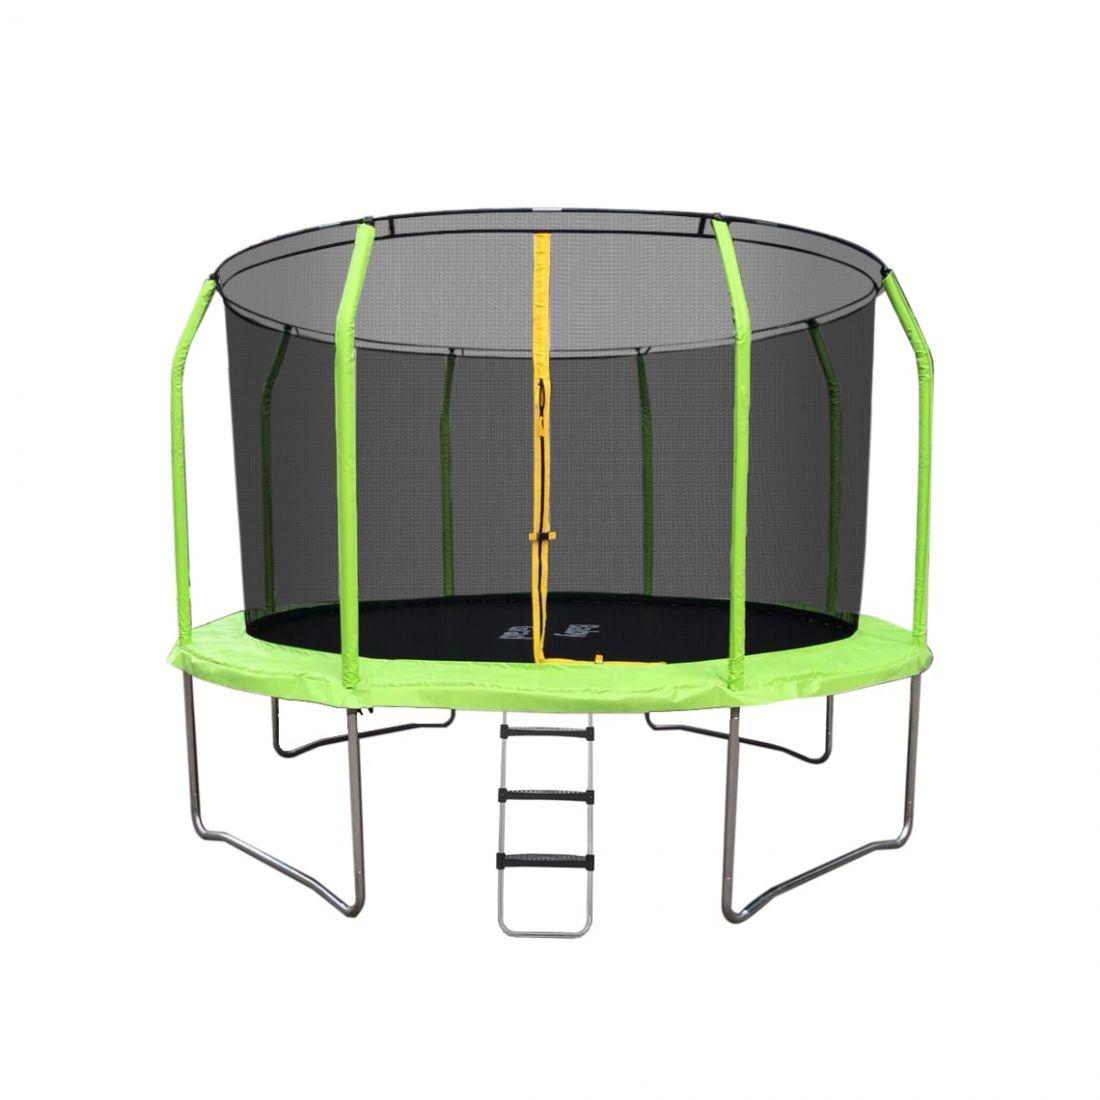 Батут с внутренней защитной сеткой - Baby Grad Космо 8ft( 2,44 метра), цвет зеленый